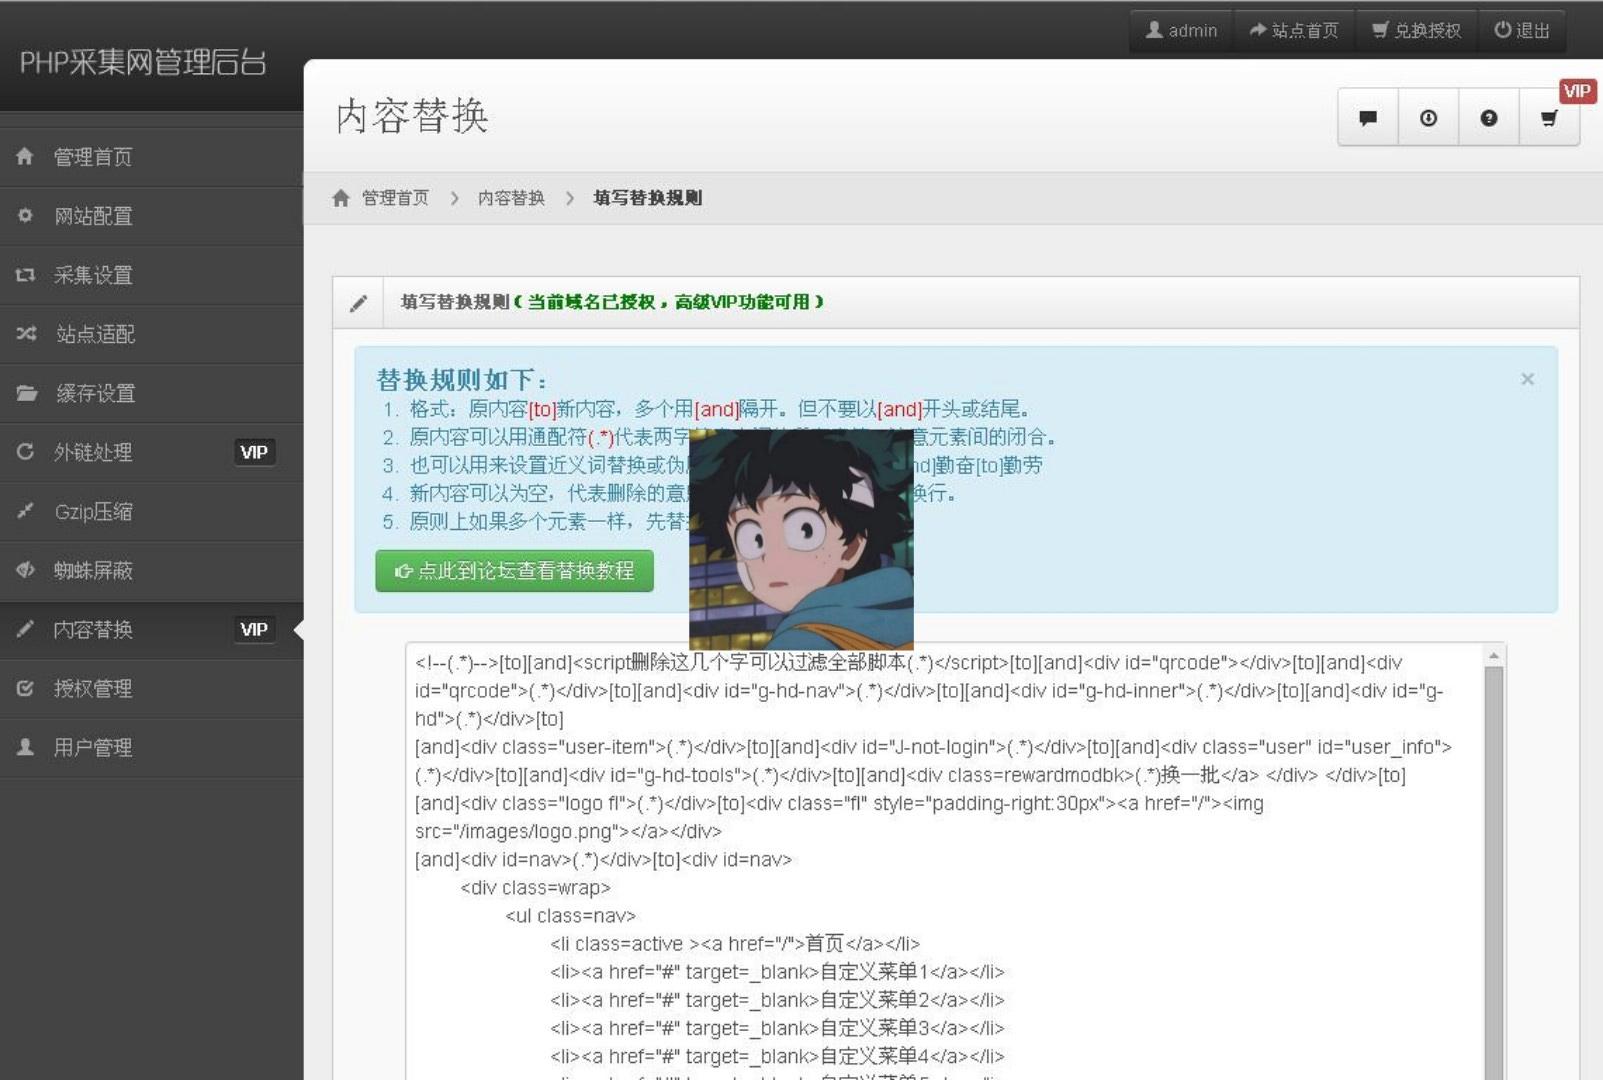 【镜像站群系统】2020最新单域名PHP网站克隆镜像网站程序源码-找主题源码